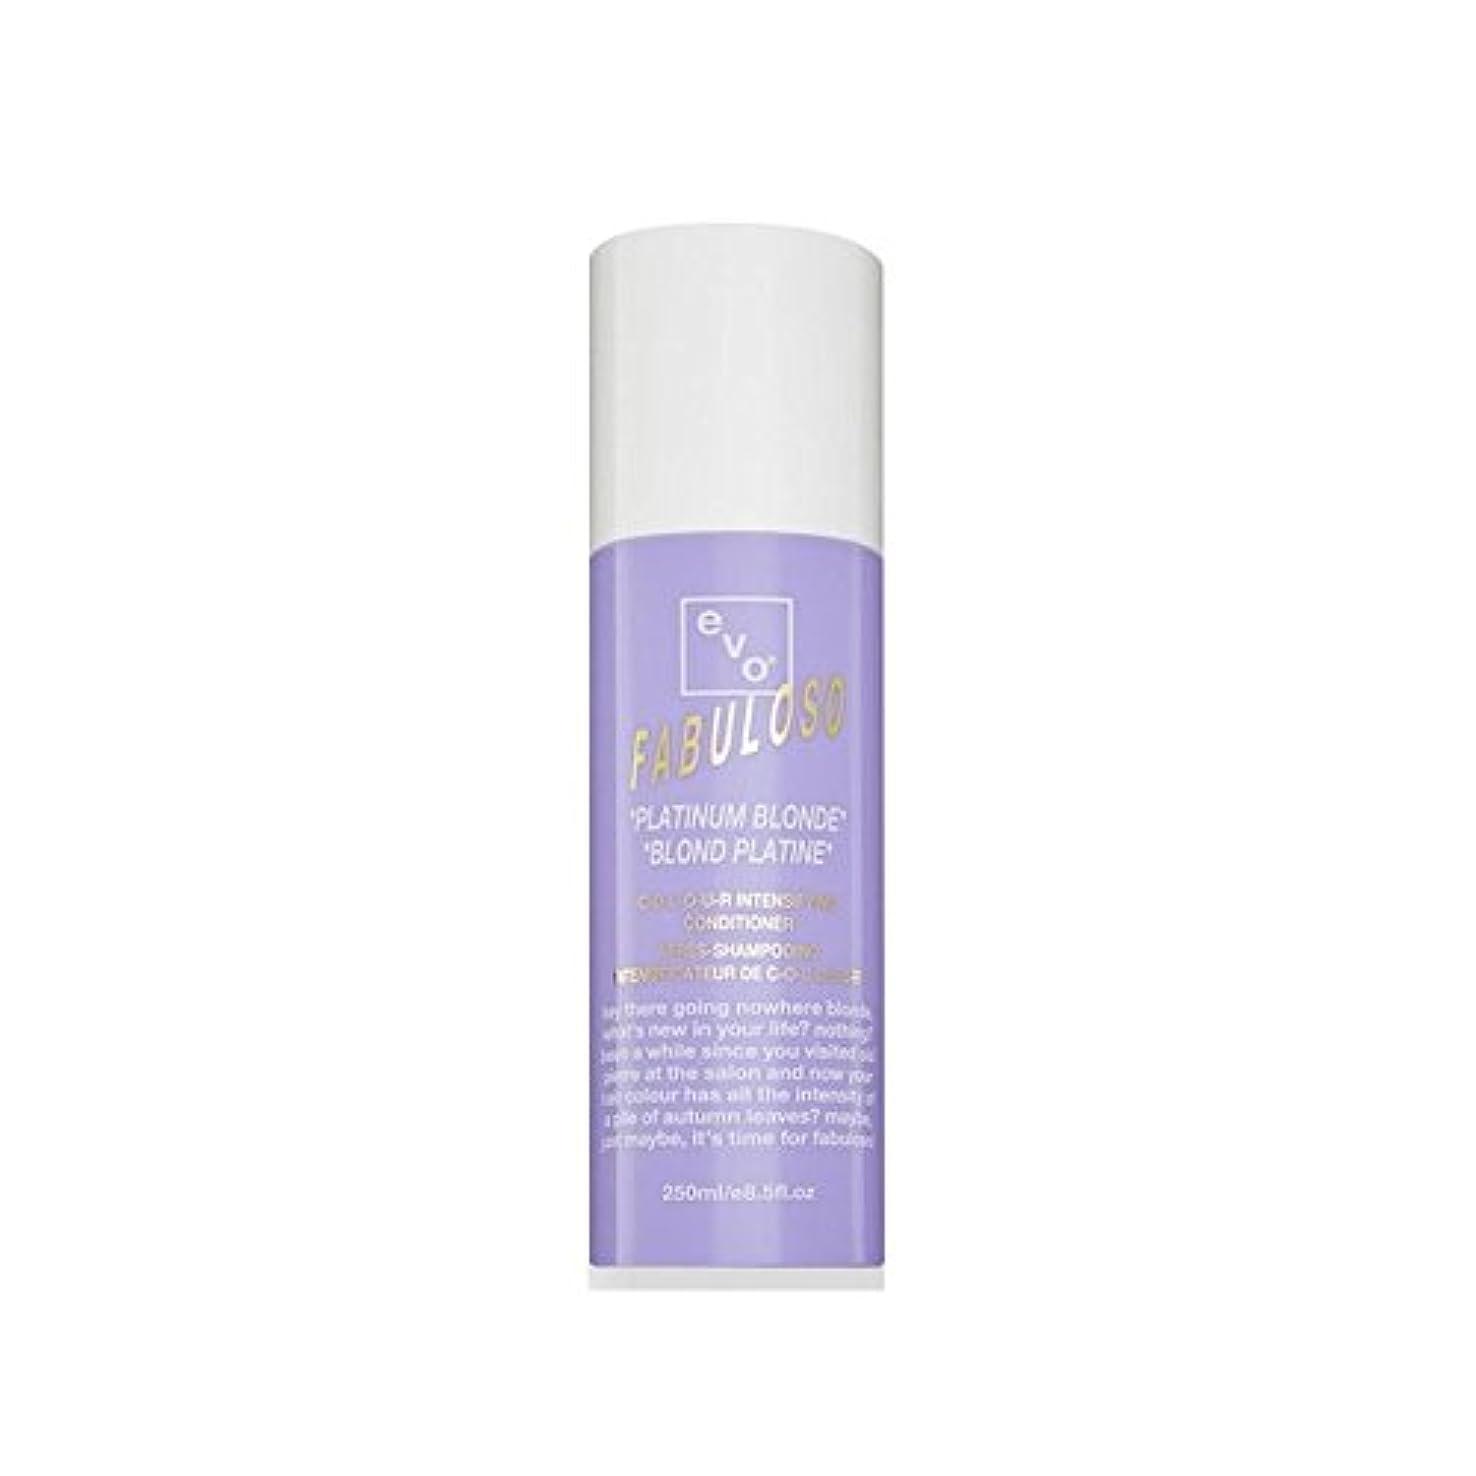 前部デュアル苦悩色増コンディショナープラチナブロンド(250ミリリットル) x2 - Evo Fabuloso Colour Intensifying Conditioner Platinum Blonde (250ml) (Pack...